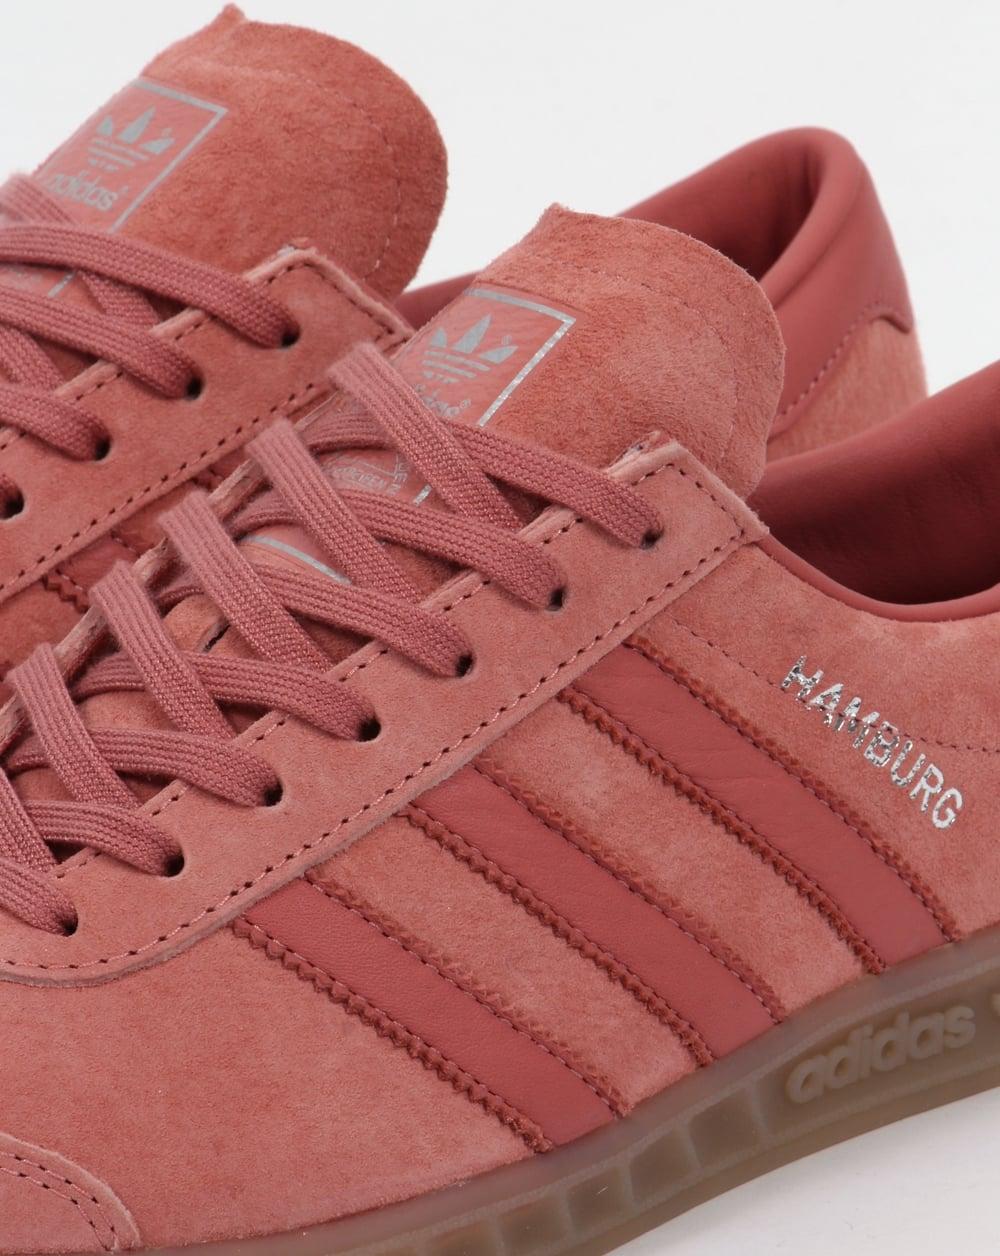 adidas hamburg pink mens